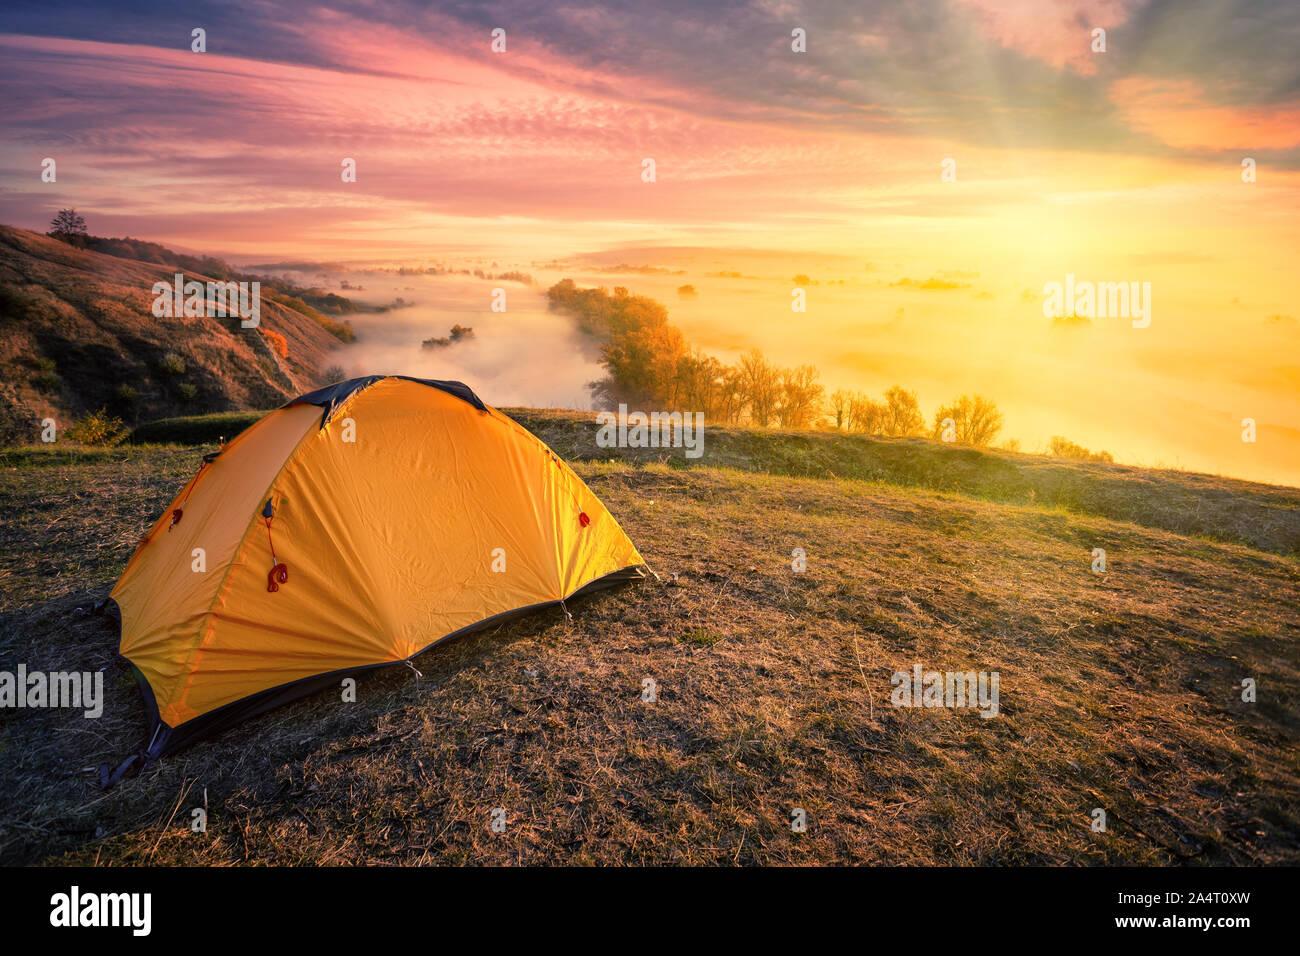 Tente d'Orange sur la colline au-dessus de la rivière de brouillard sous un soleil éclatant Banque D'Images